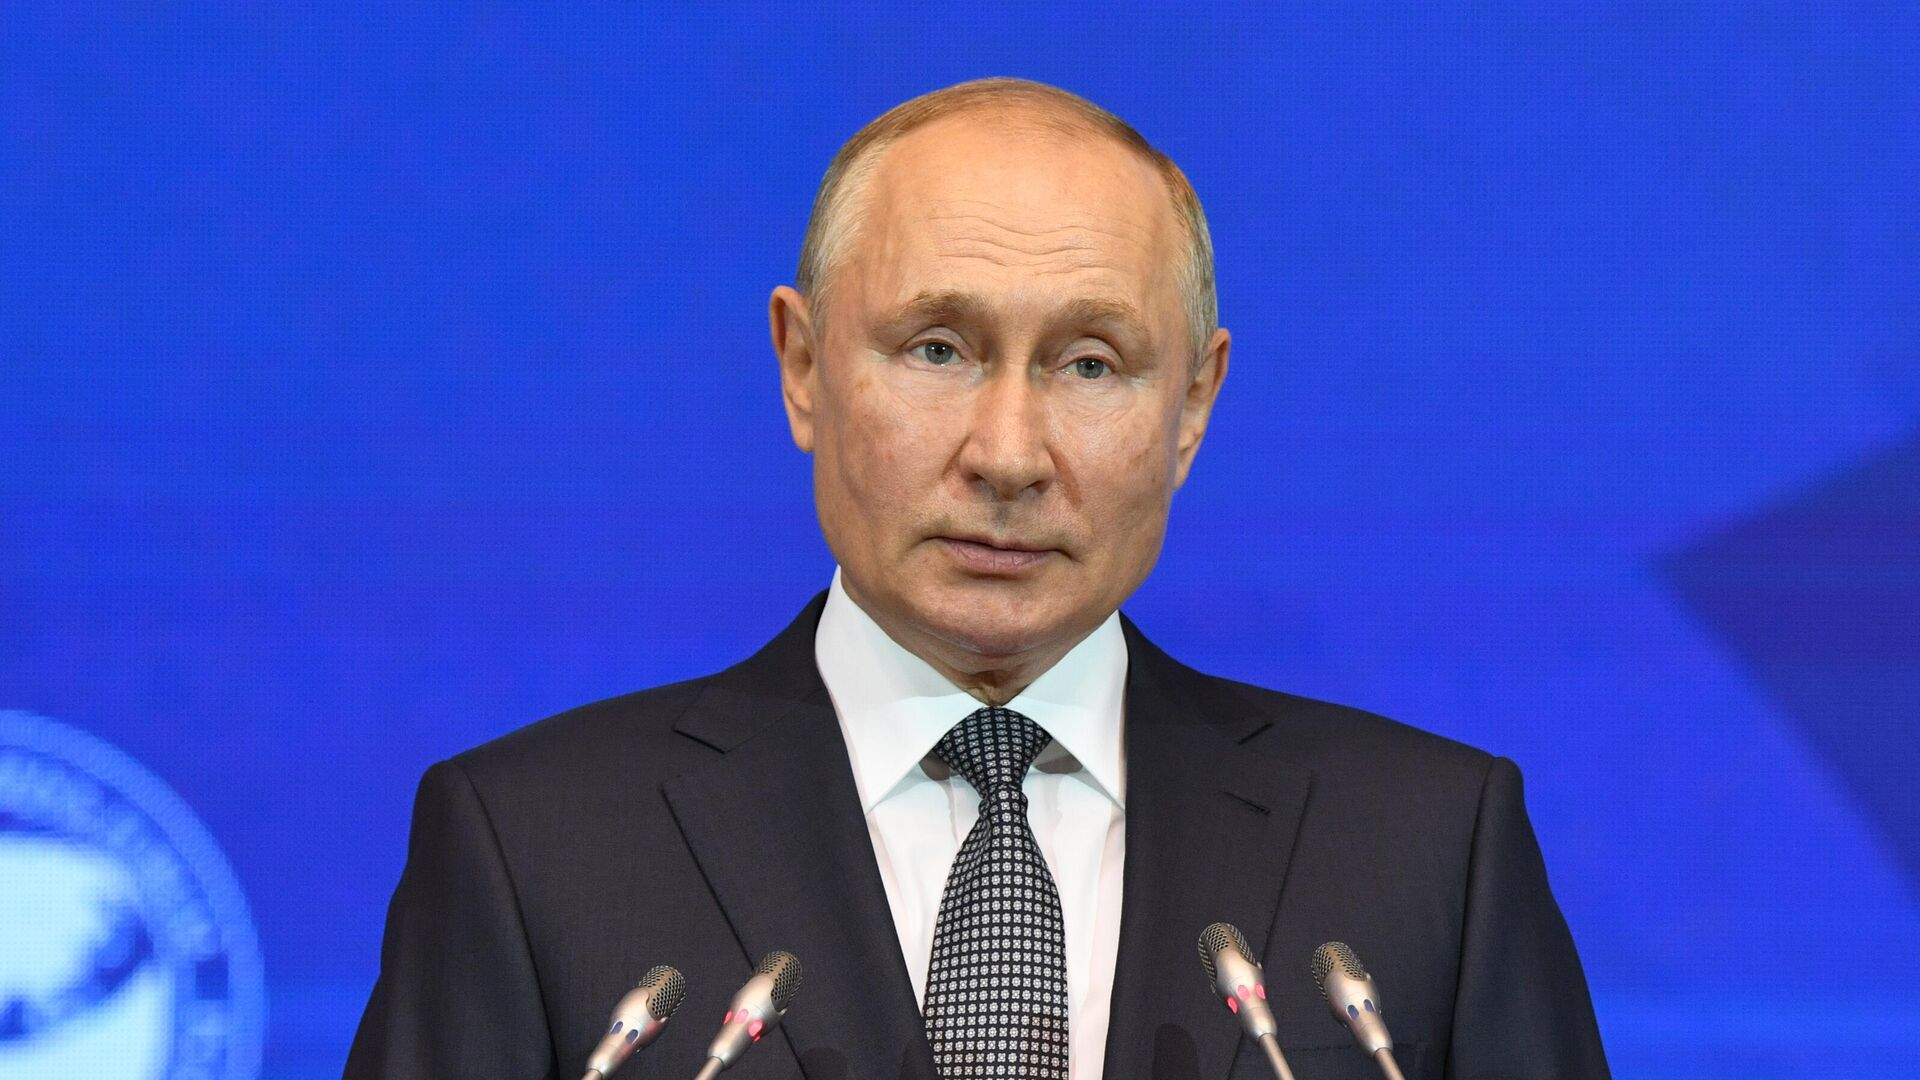 Президент РФ Владимир Путин выступает на открытии третьего Евразийского женского форума в Таврическом дворце в Санкт-Петербурге - РИА Новости, 1920, 14.10.2021